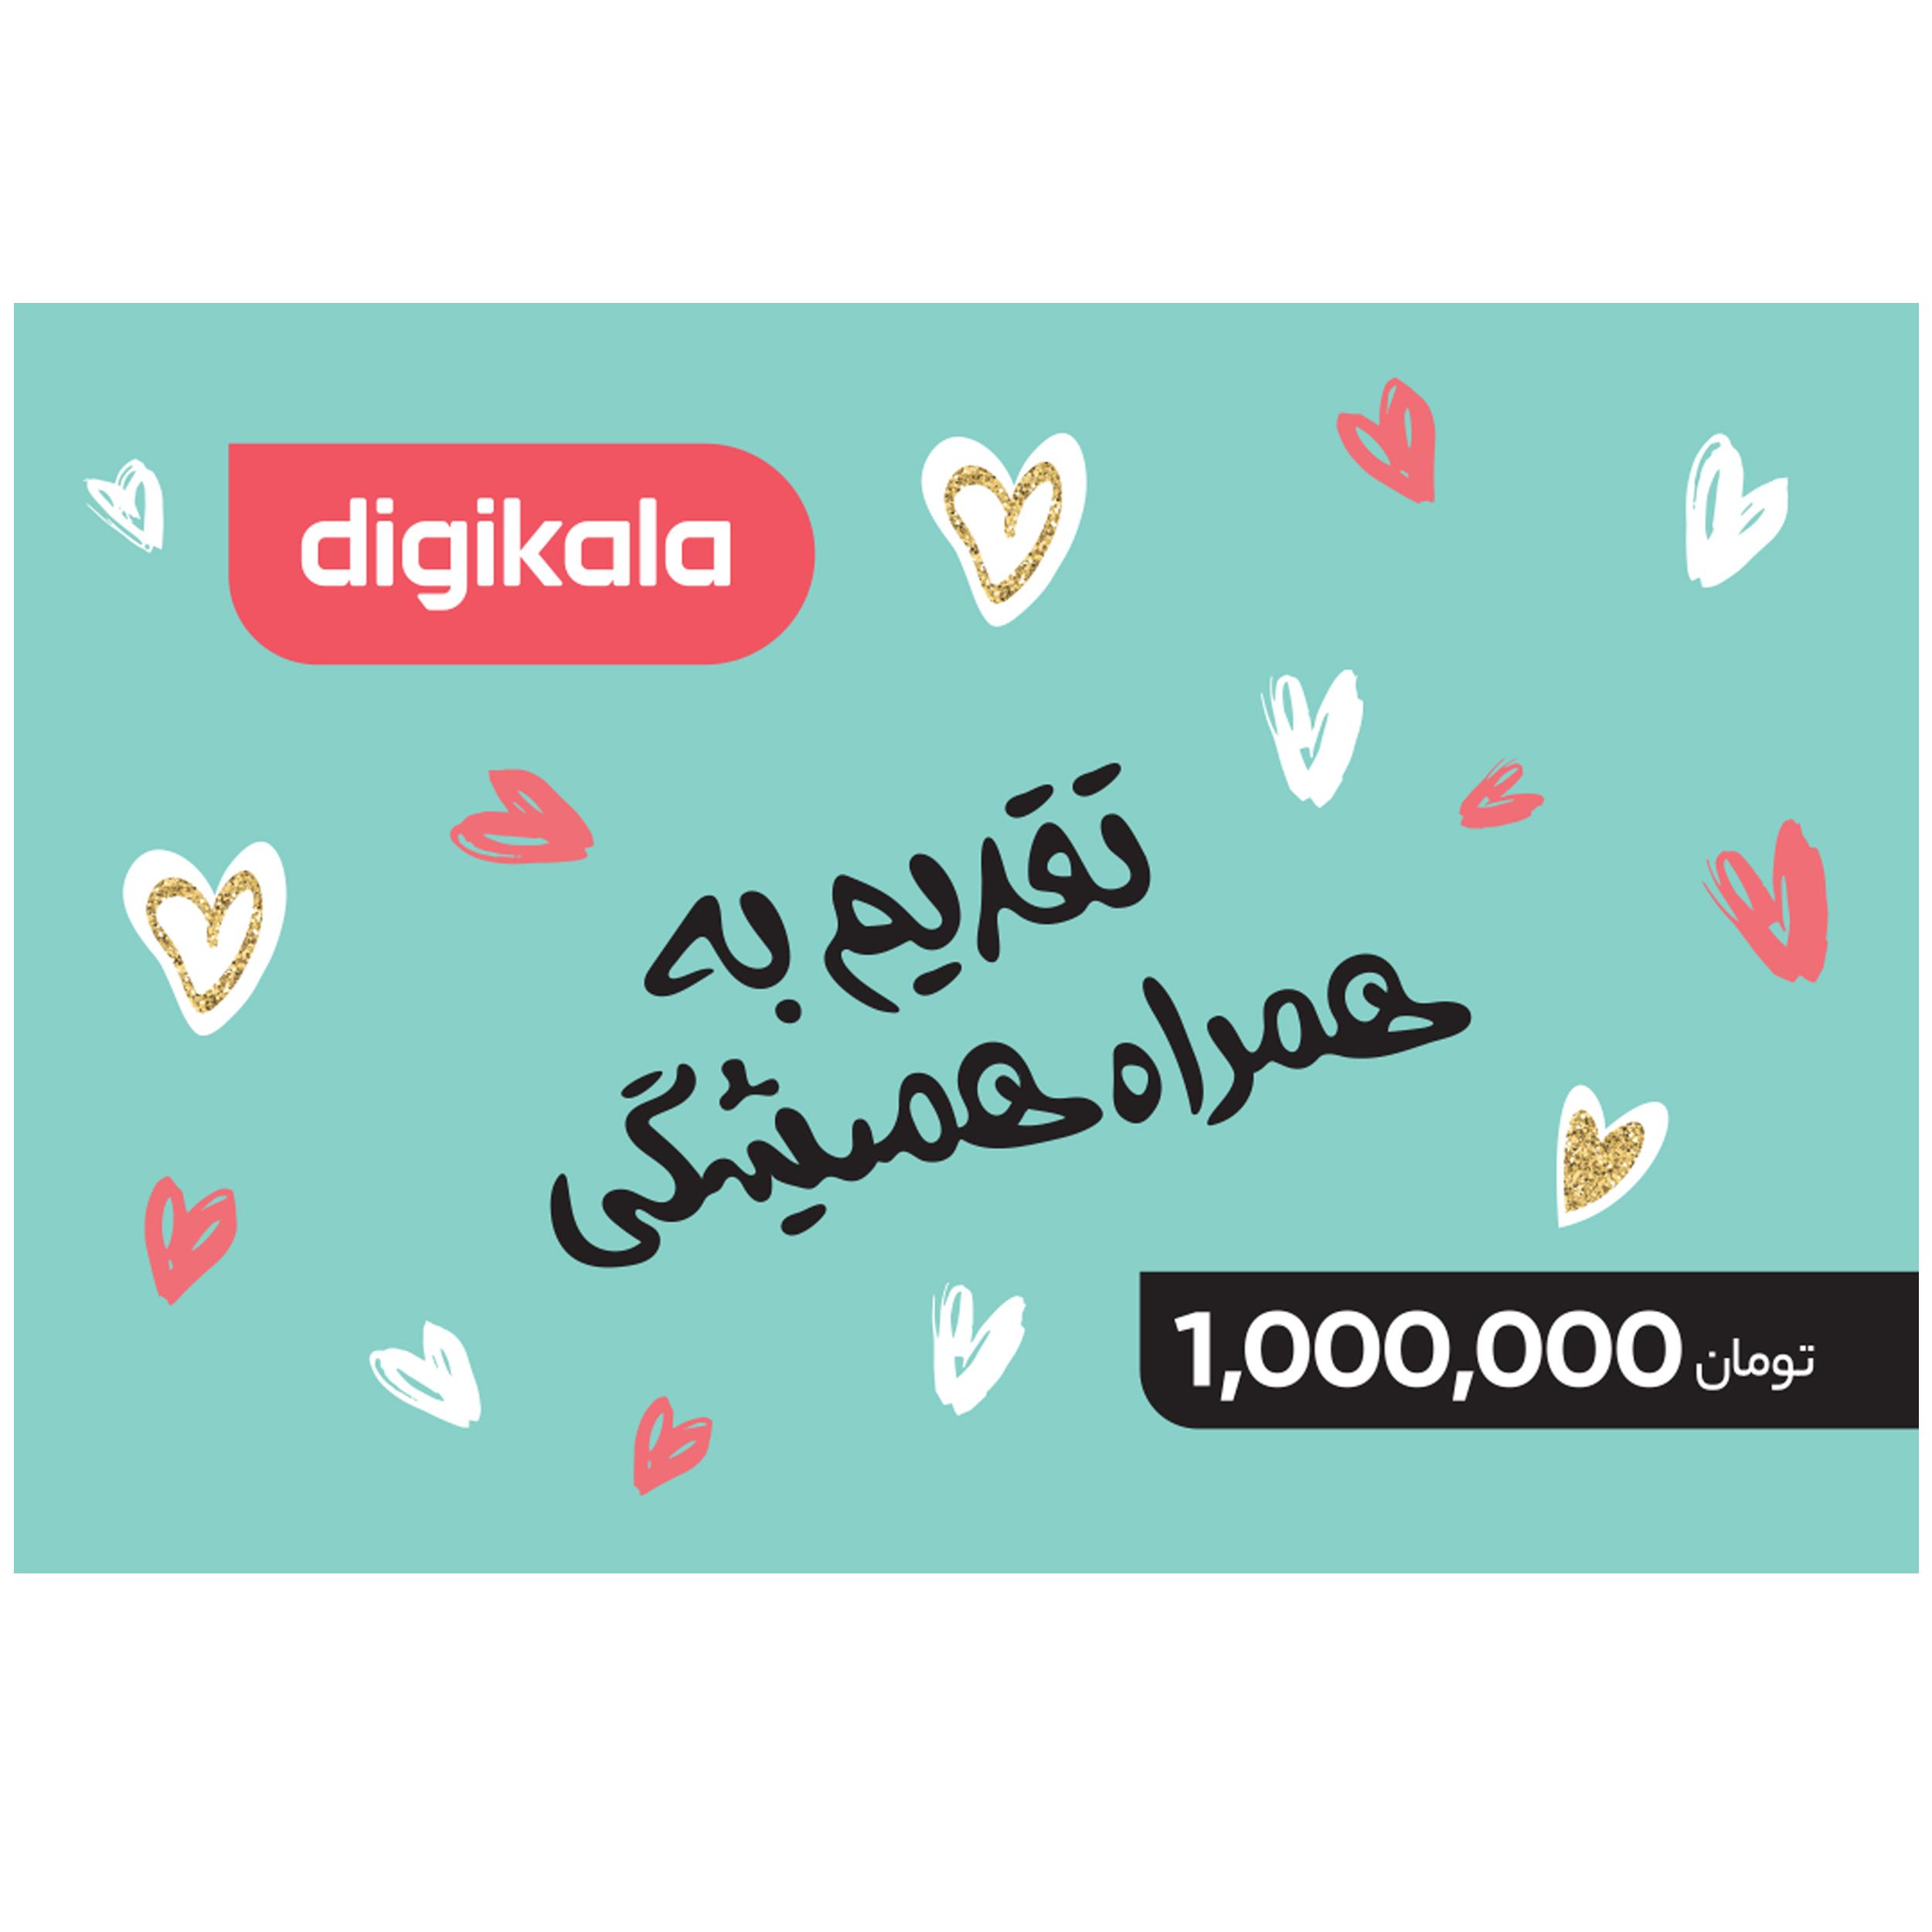 کارت هدیه دیجی کالا به ارزش 1,000,000 تومان طرح آرزو